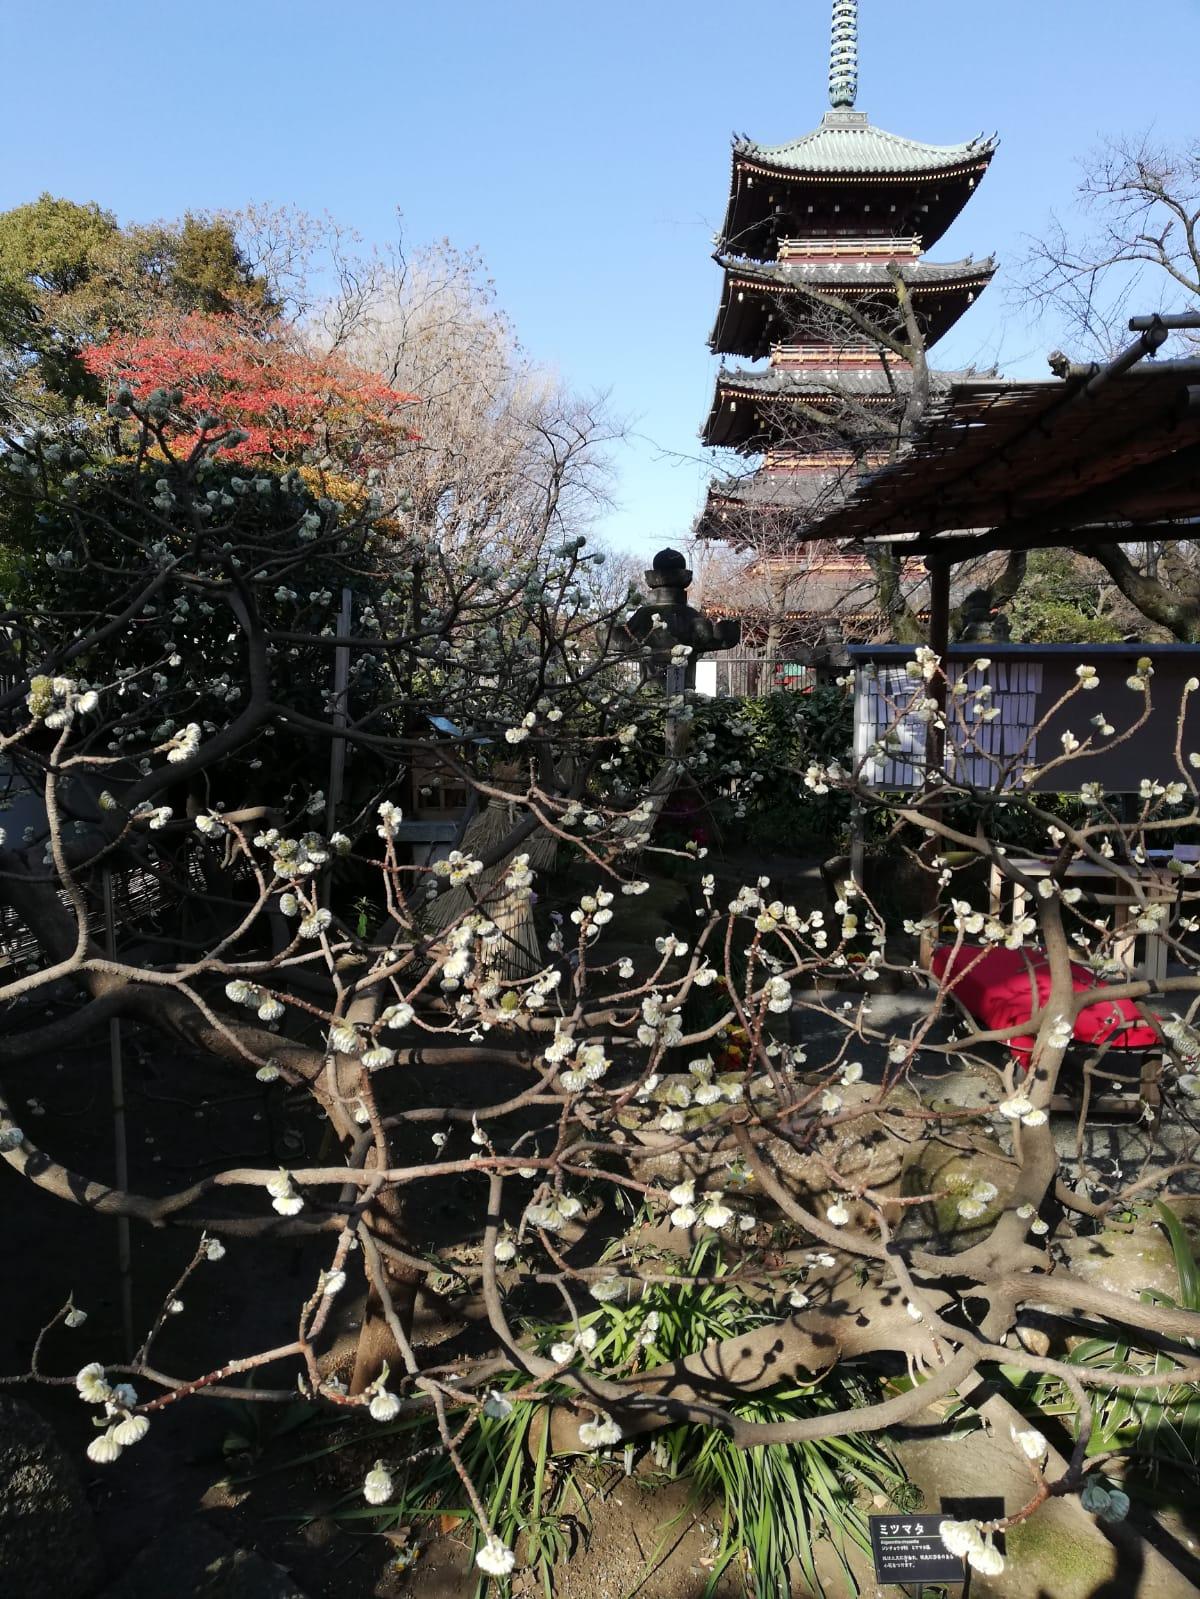 17th Century Shrine, Ueno Park, Japan.